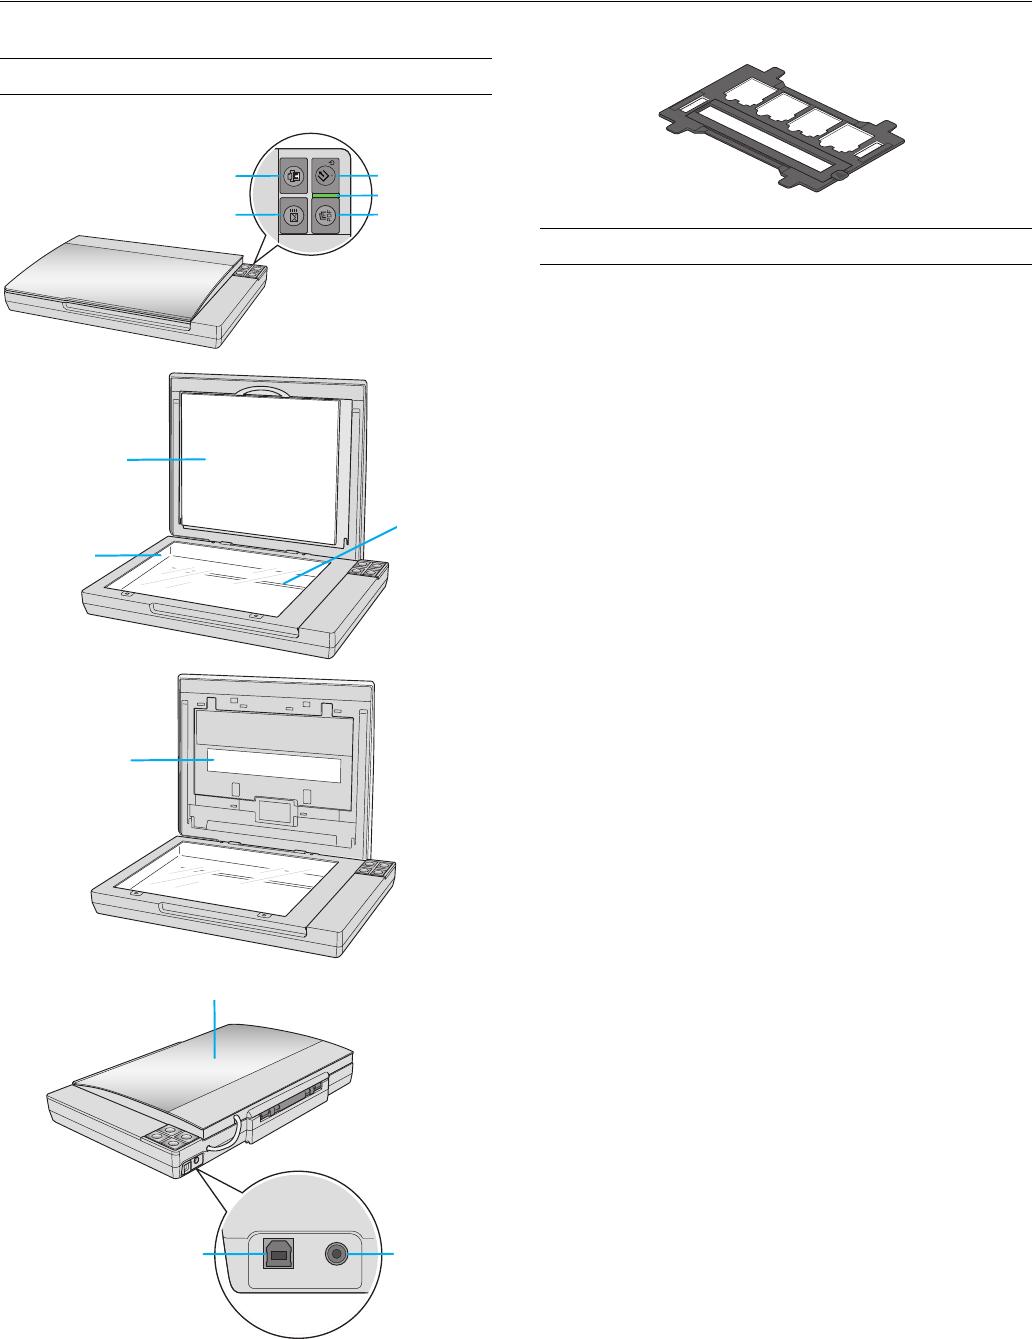 Epson Scanner V200 Photo User Guide